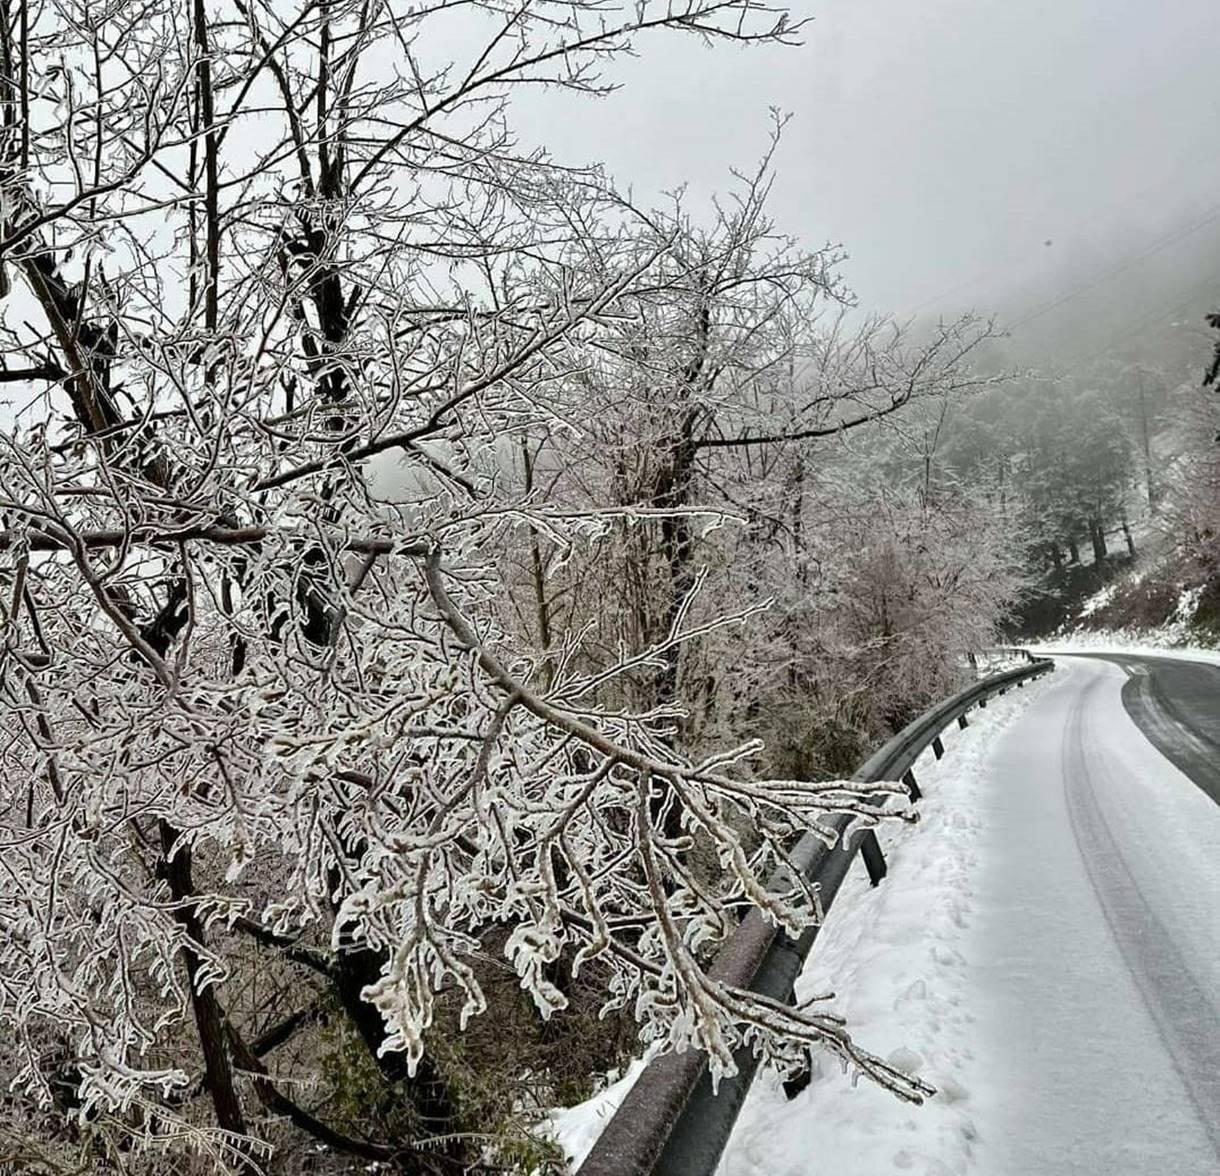 Forti nevicate al nord, disagi e anche gelicidio in atto [FOTO]